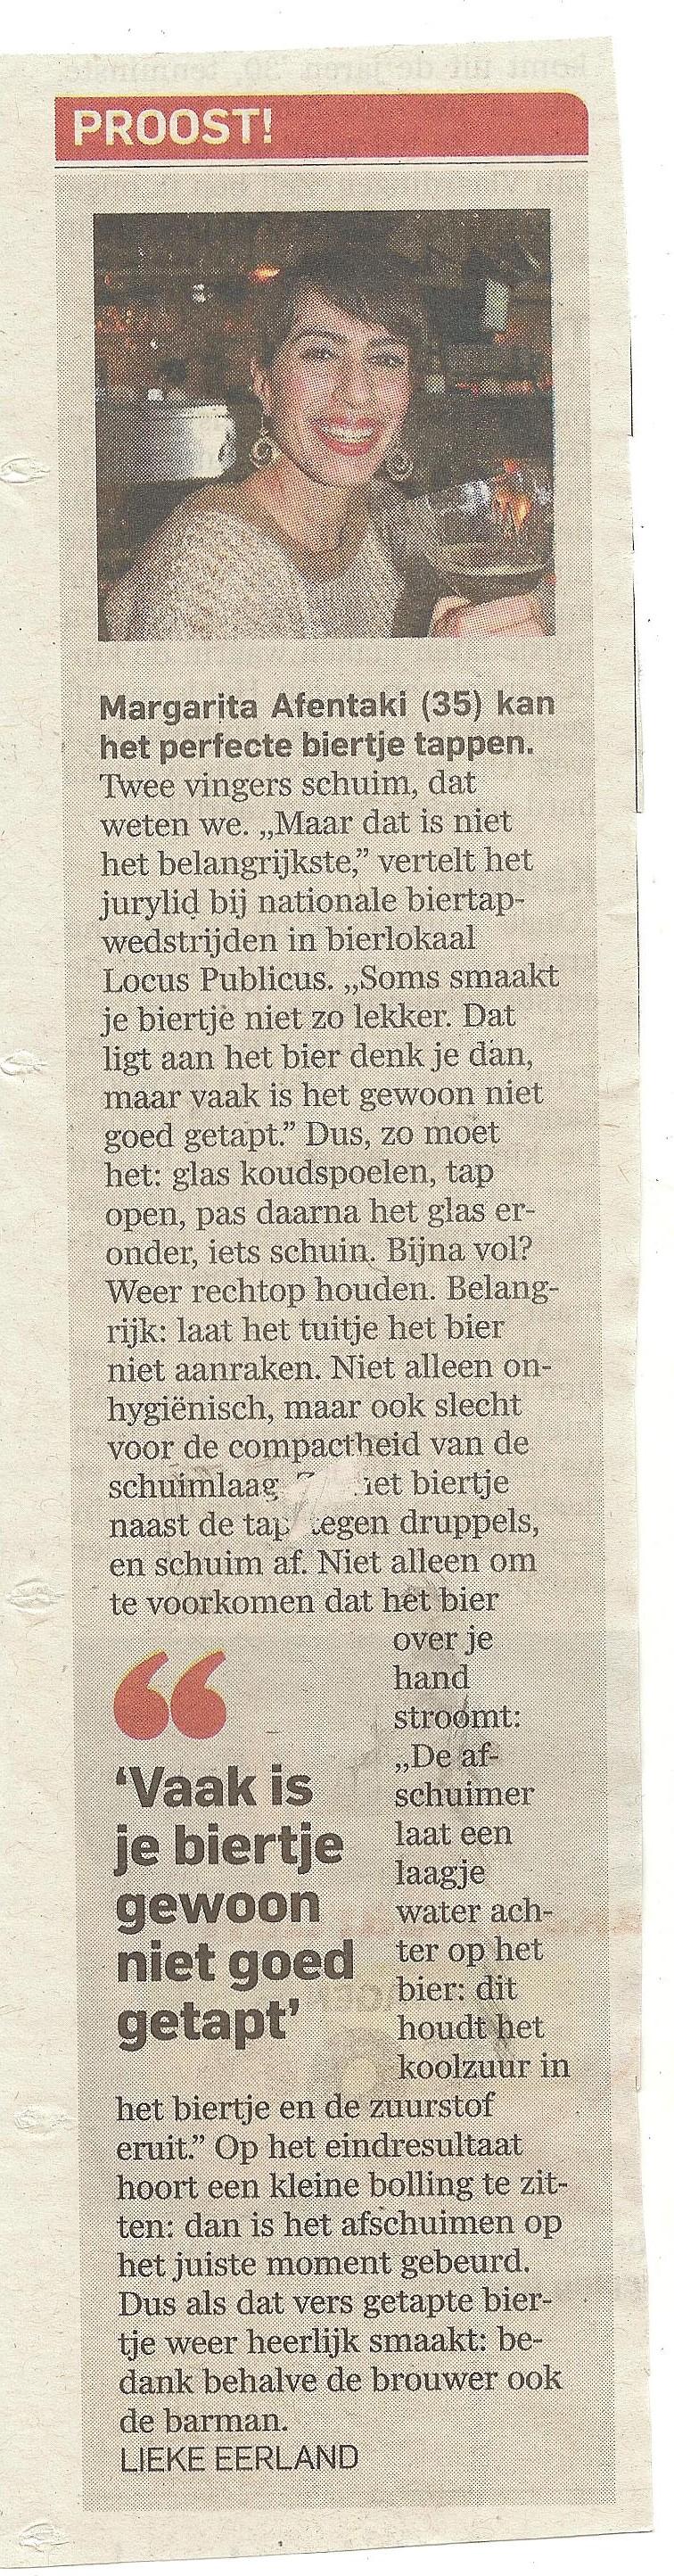 Nationale Biertapwedsteijd Locus Publicus - artikel Algemeen Dagblad